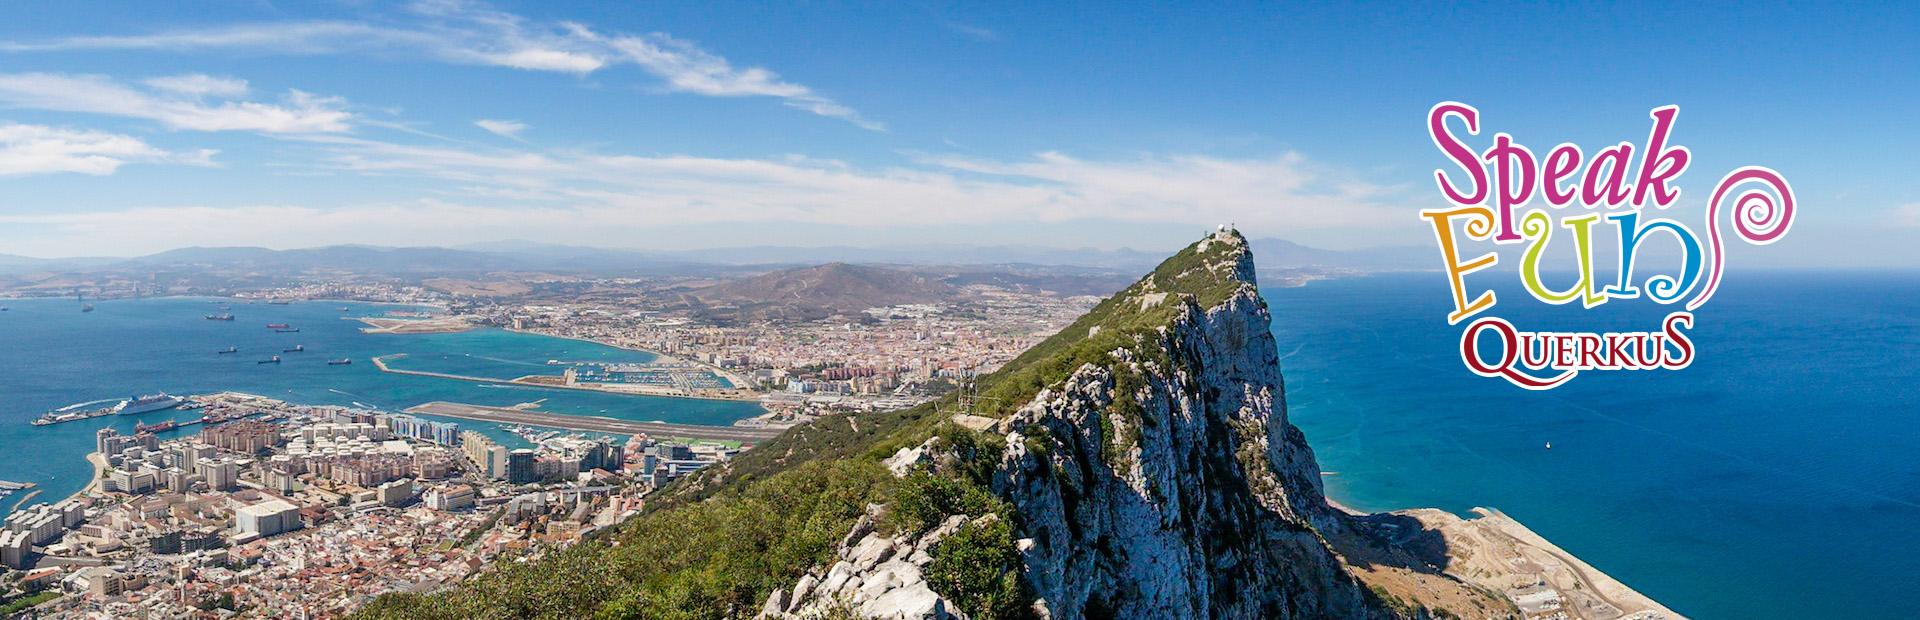 viaje fin de curso inmersión lingüística. Excursión escolar bilingüe Gibraltar.